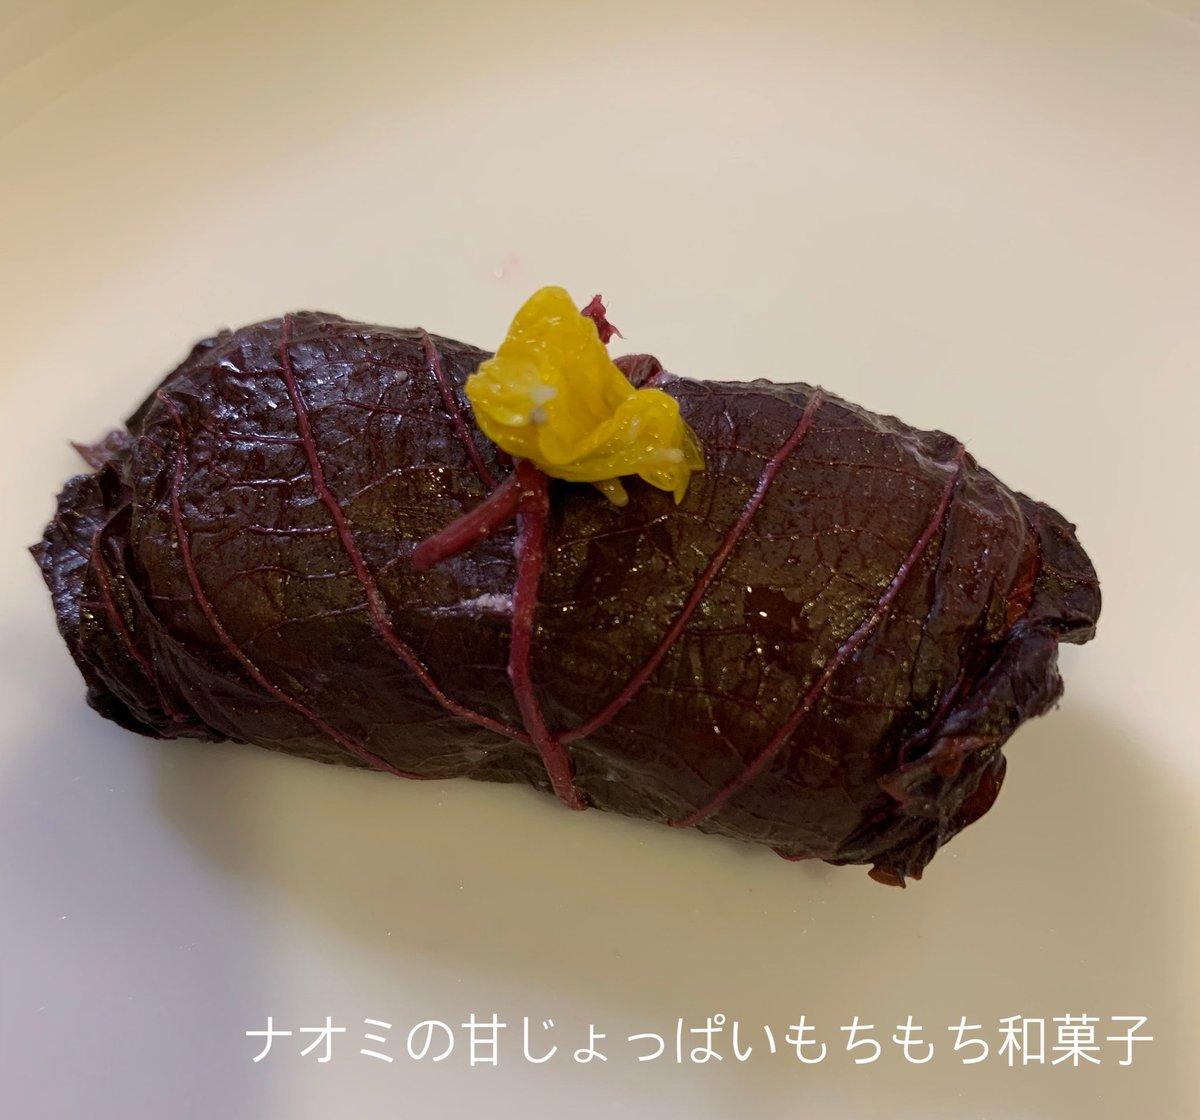 test ツイッターメディア - 本日の和菓子 茨城の銘菓、水戸の梅のようですが 中身は全然違います🤣 アマラサンスのぷちぷちとした食感がアクセントになってます。 #和菓子 https://t.co/f41vLjkYDj